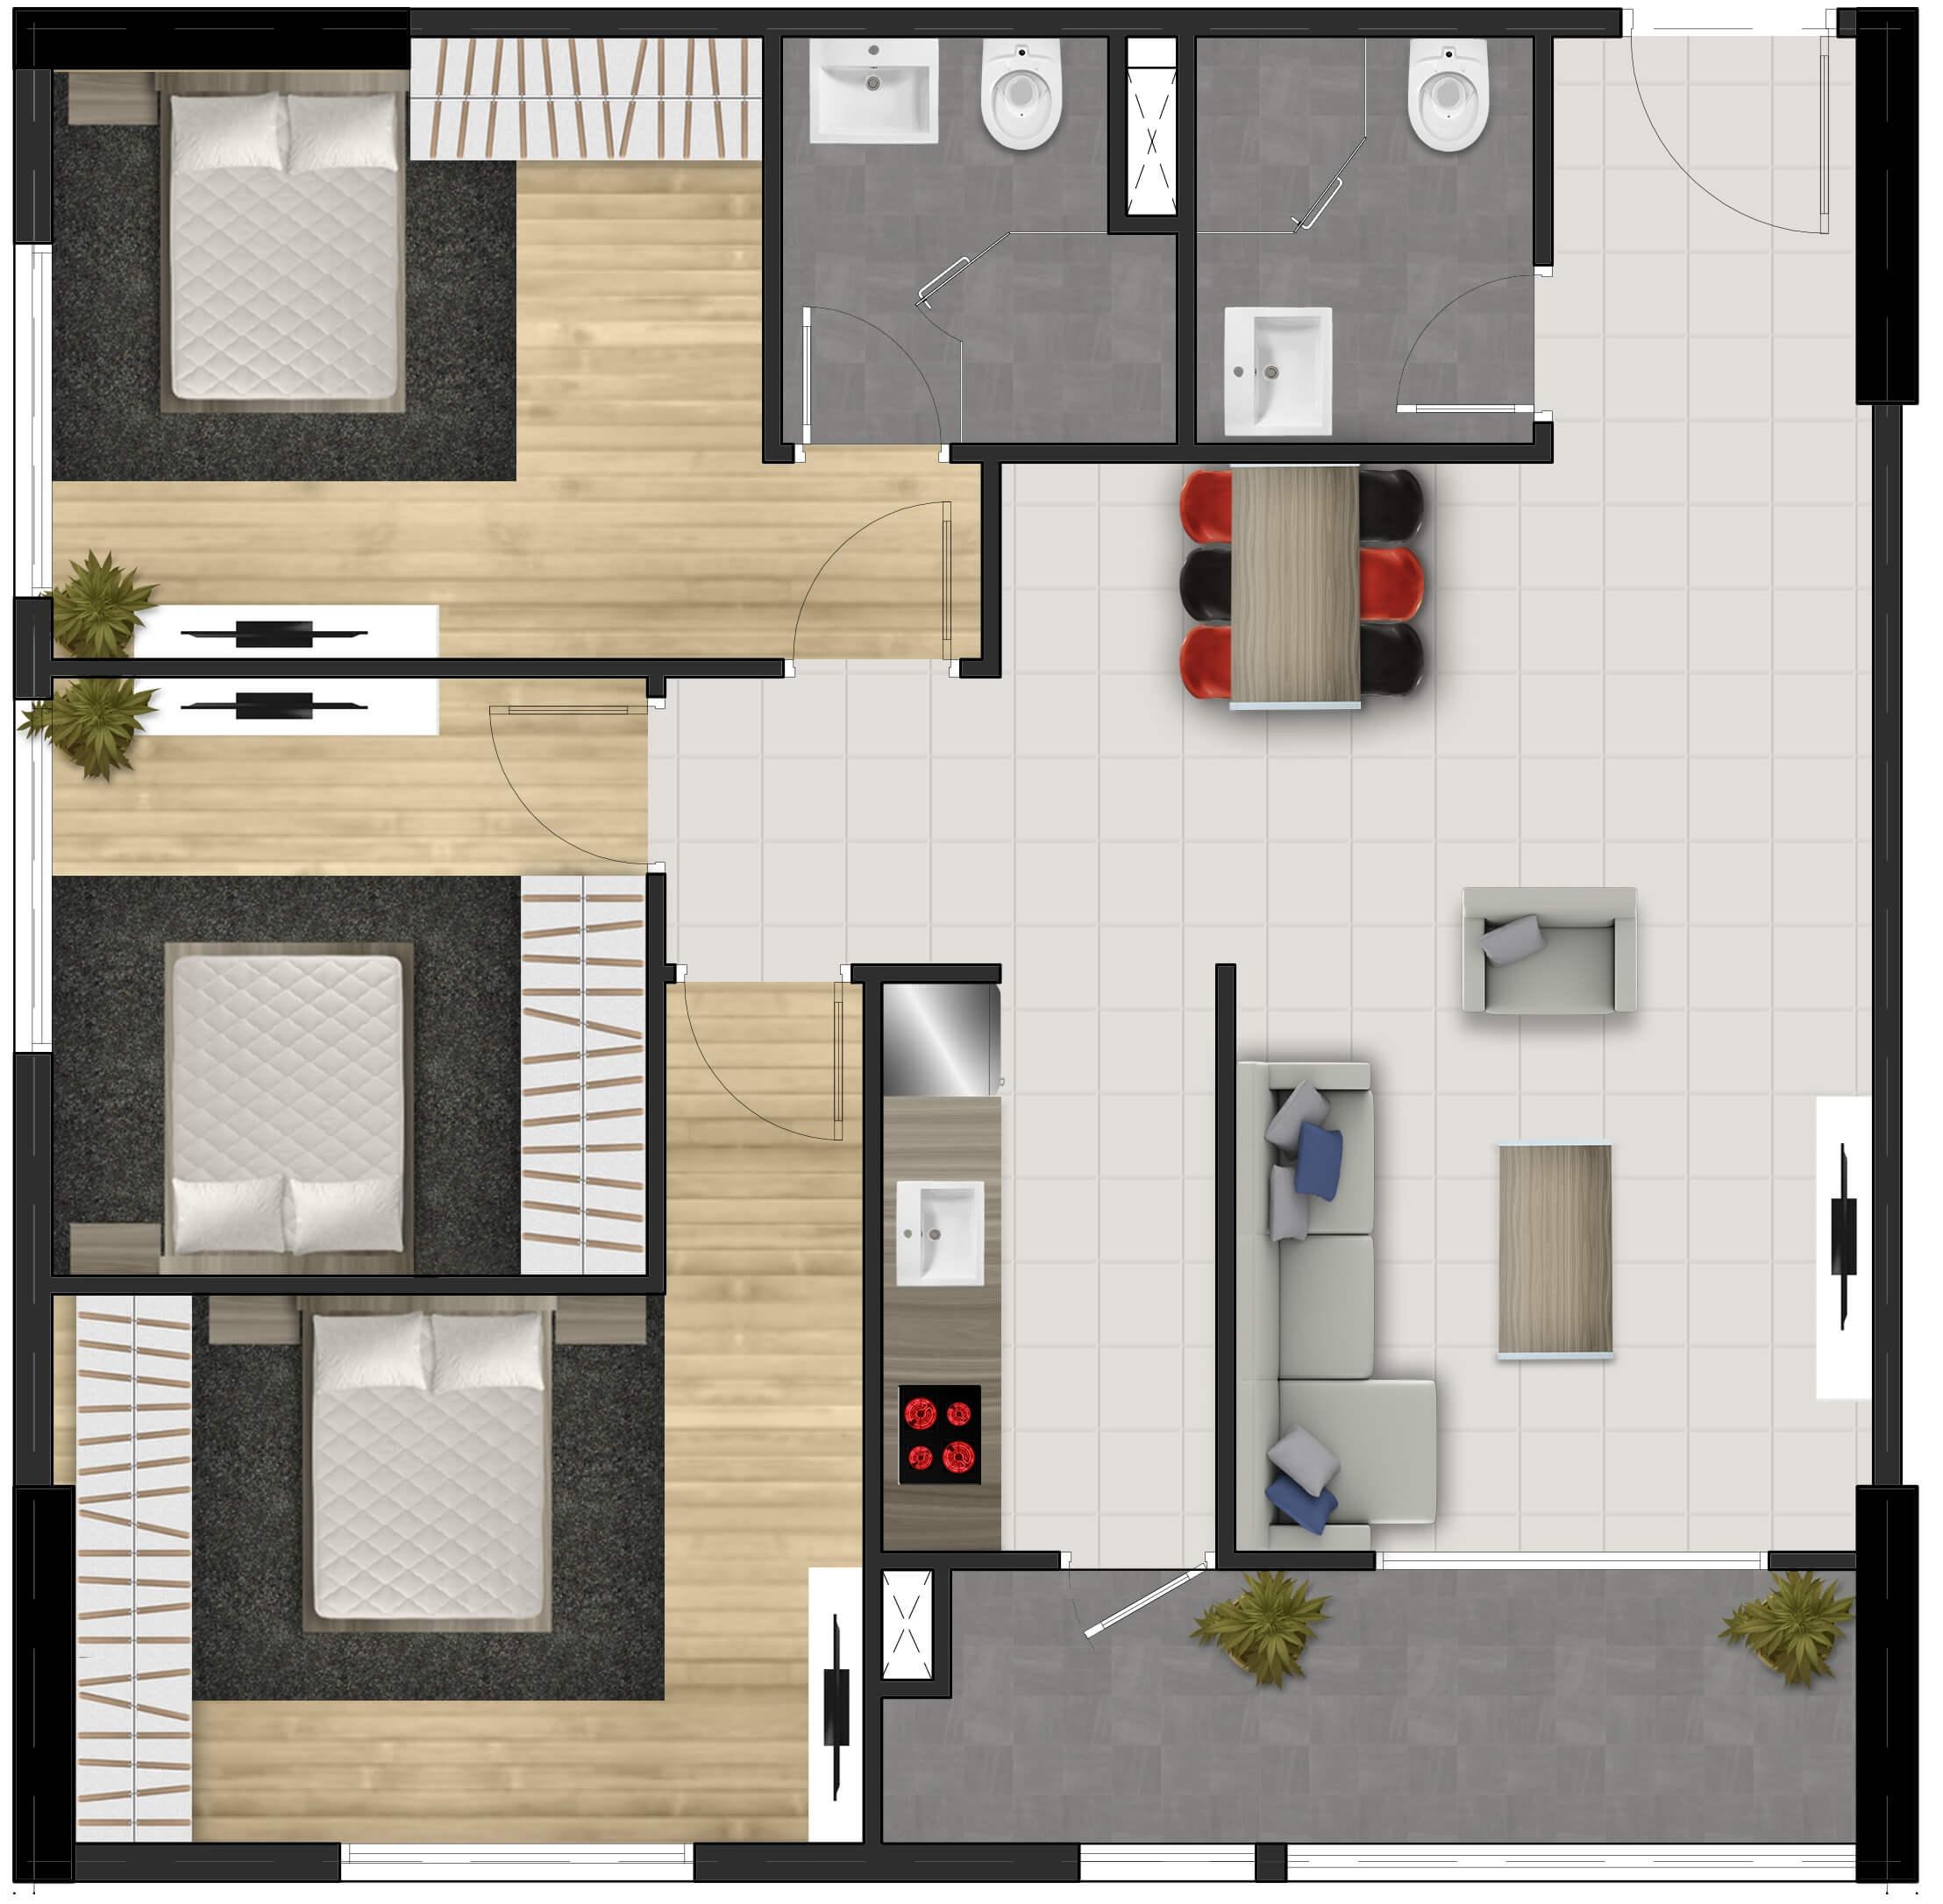 Căn hộ 3 phòng ngủ FPT Plaza lttland